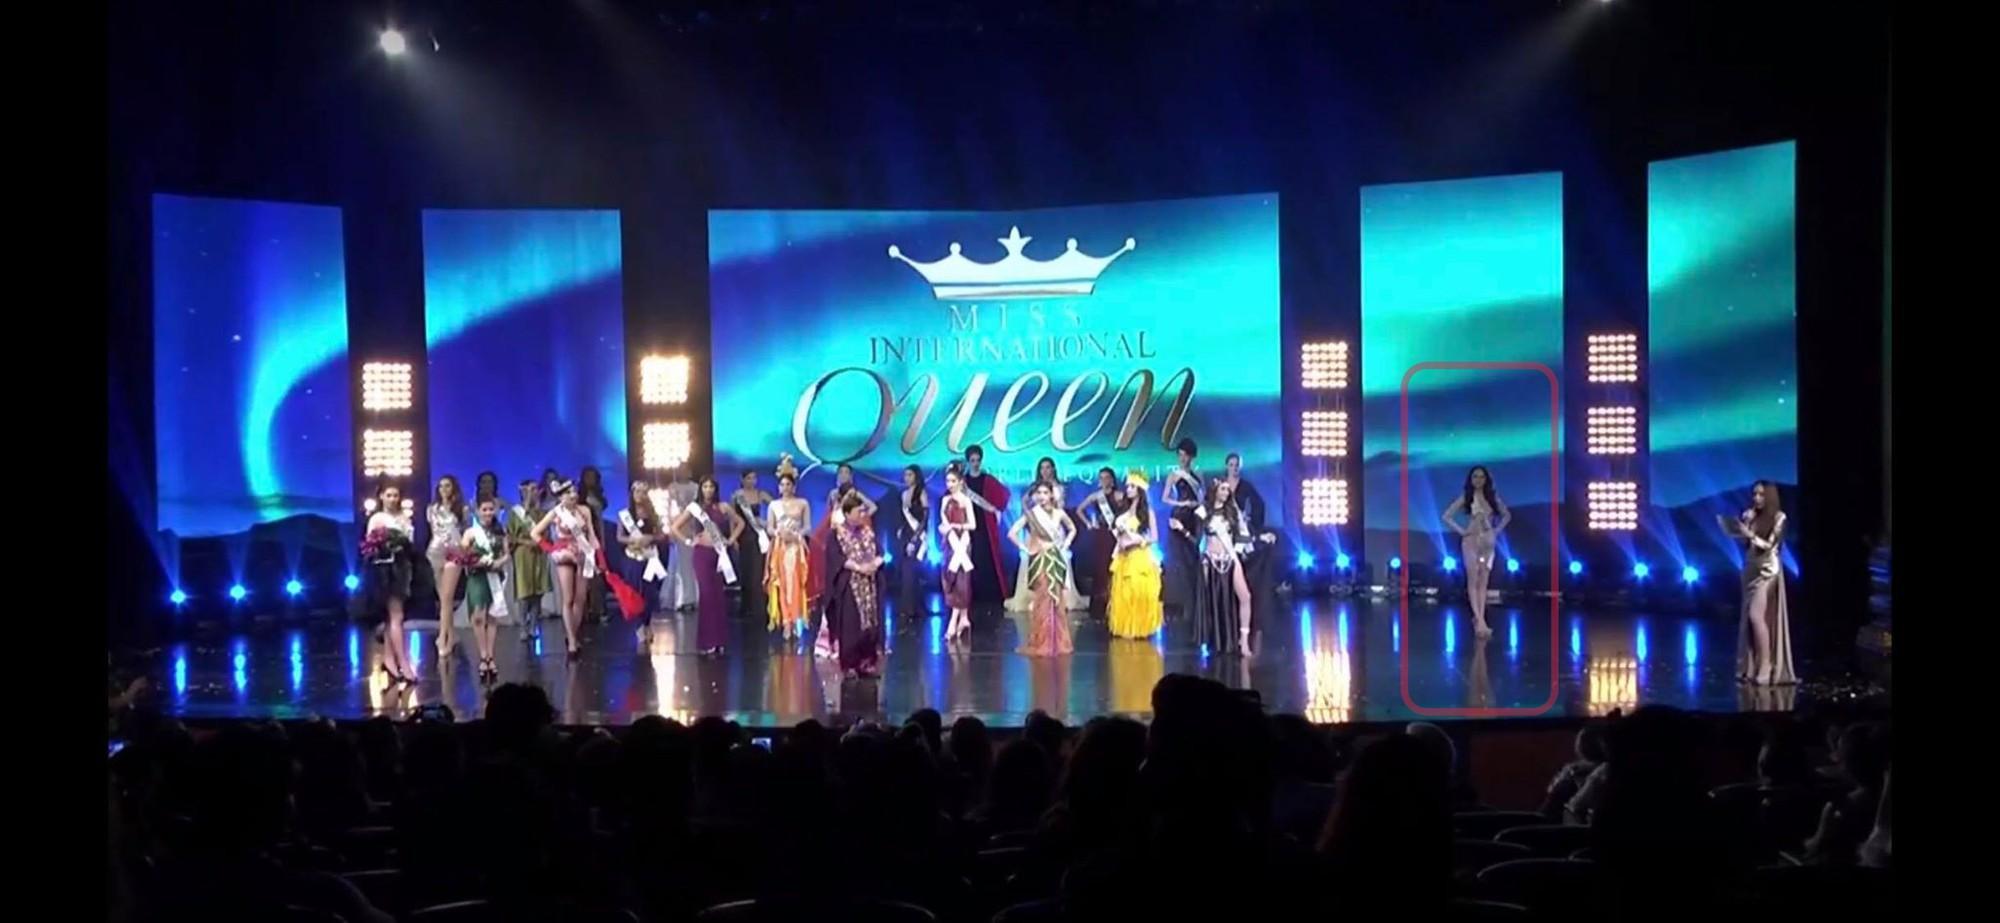 Khoảnh khắc Hương Giang một mình trong góc tối rồi toả sáng trên sân khấu với giải Tài năng đang hot trên mạng xã hội - Ảnh 1.